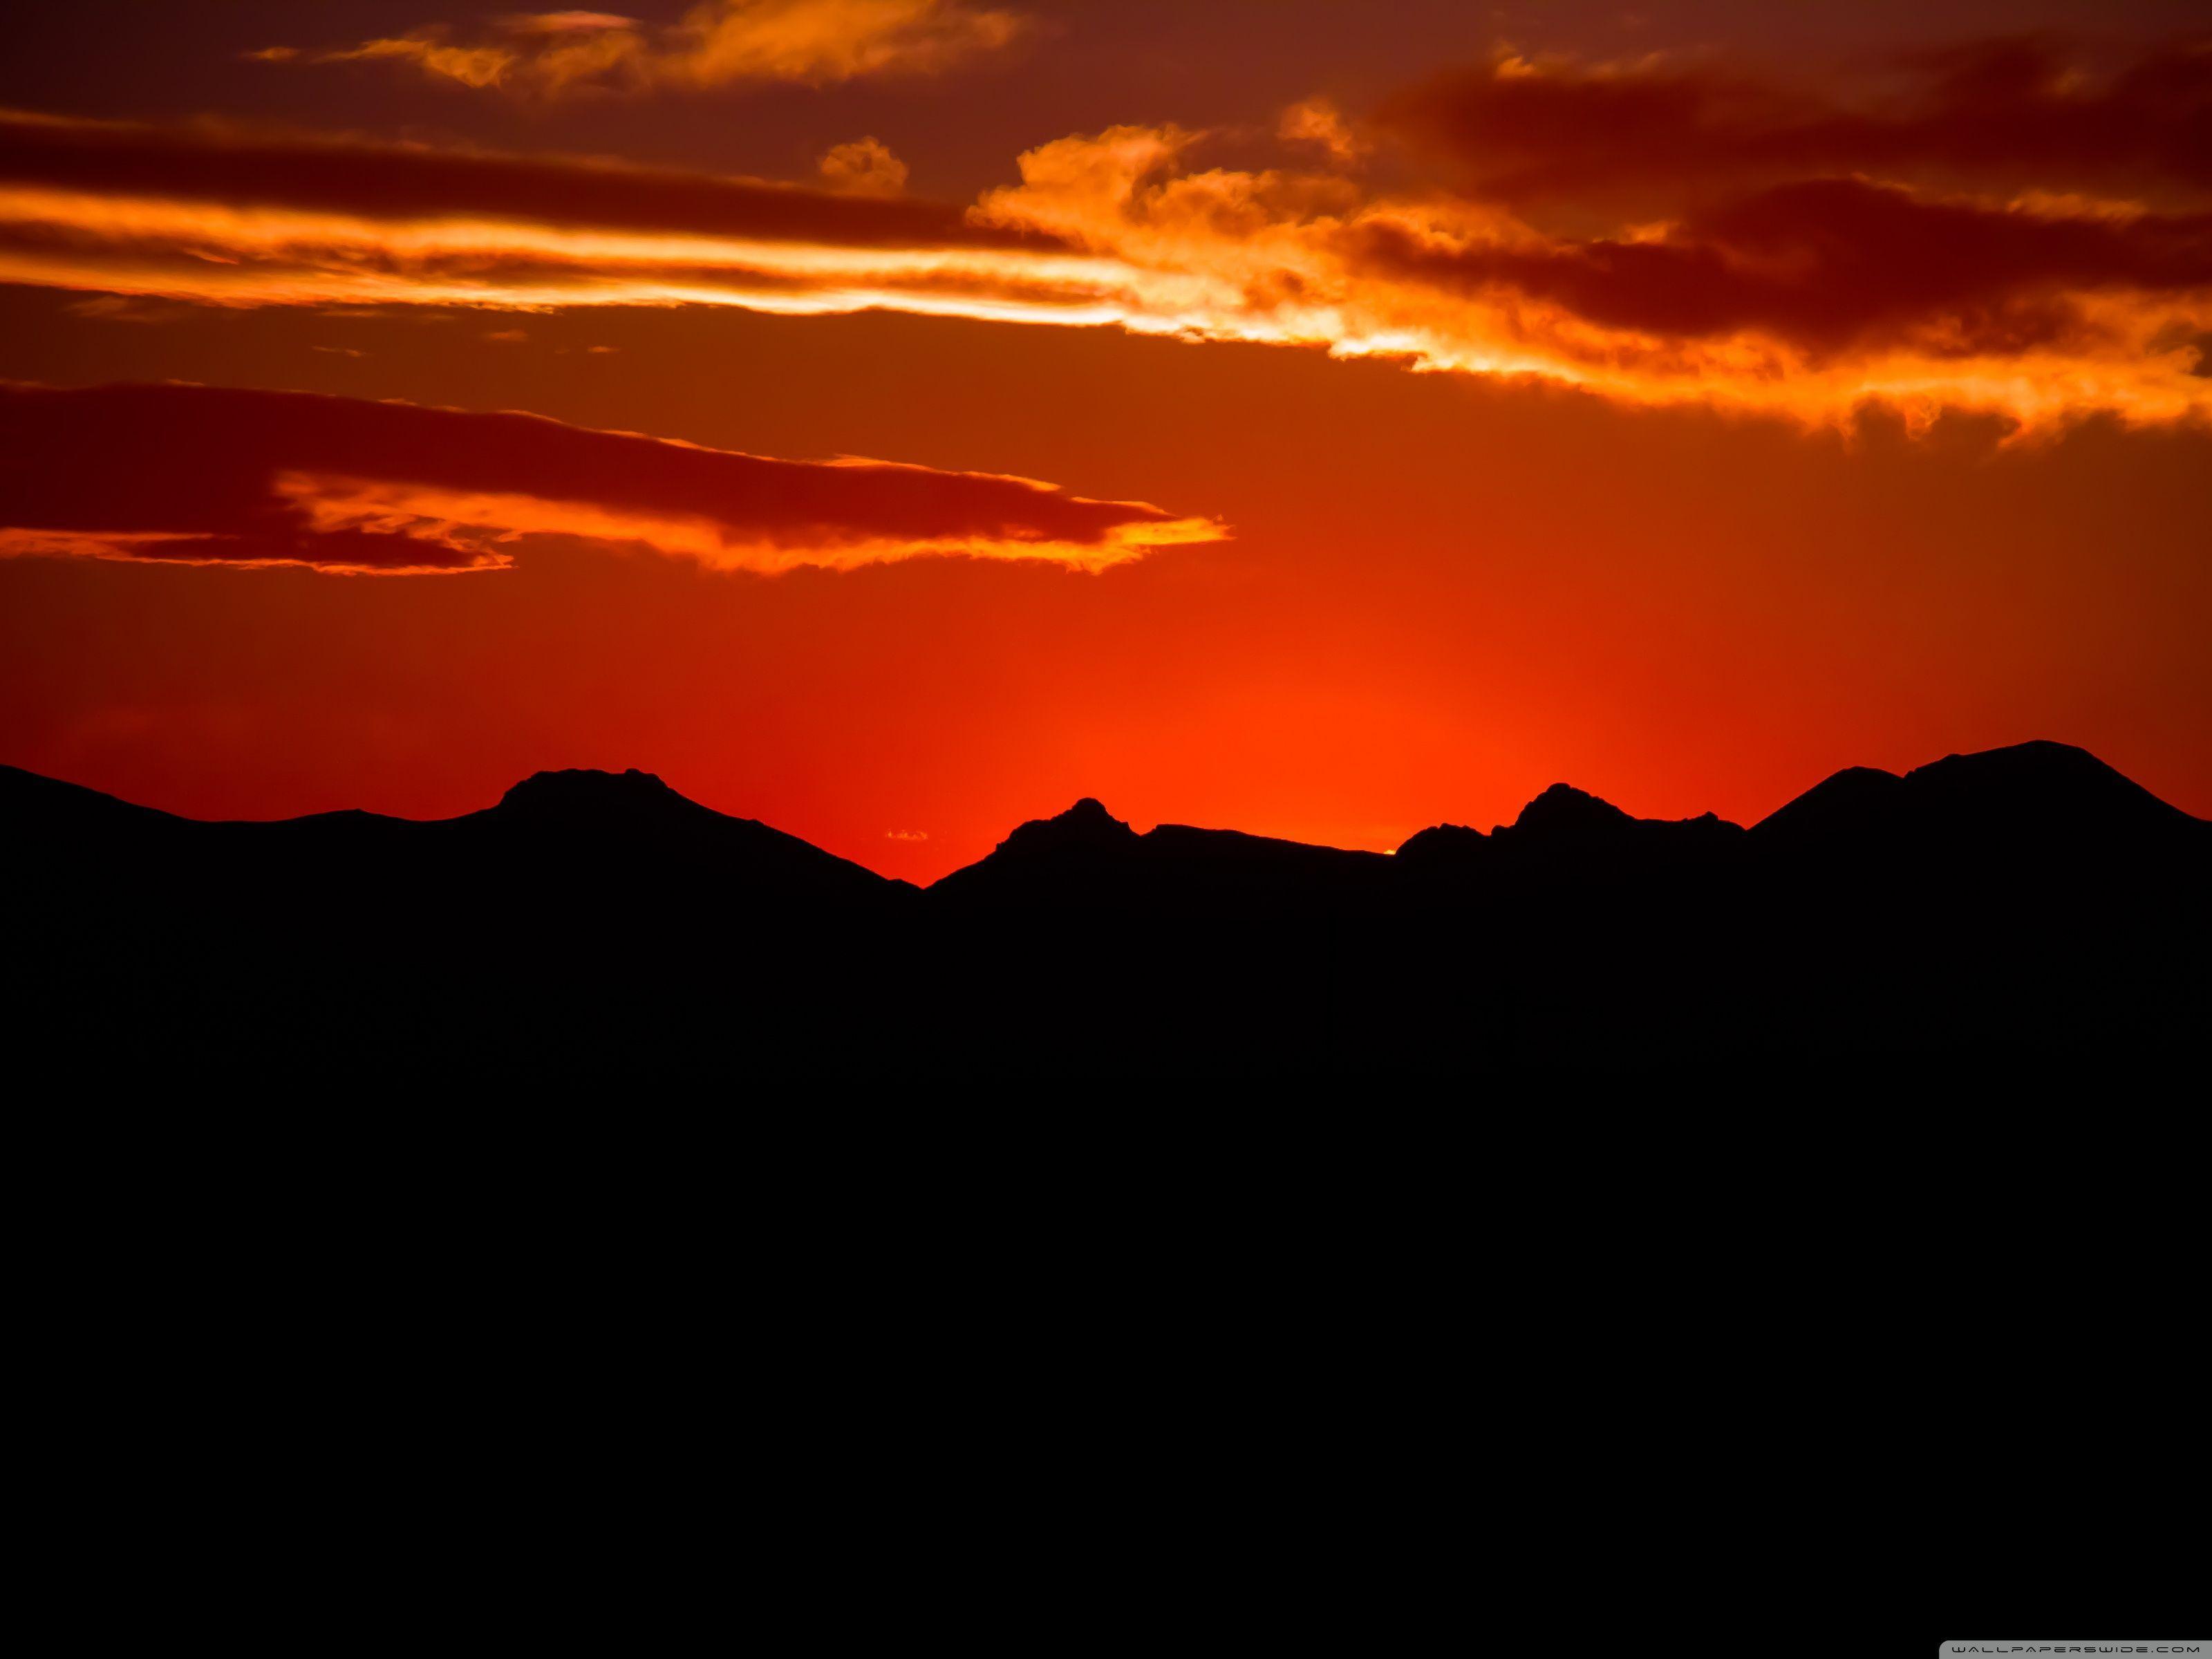 Orange Sky Wallpapers Top Free Orange Sky Backgrounds